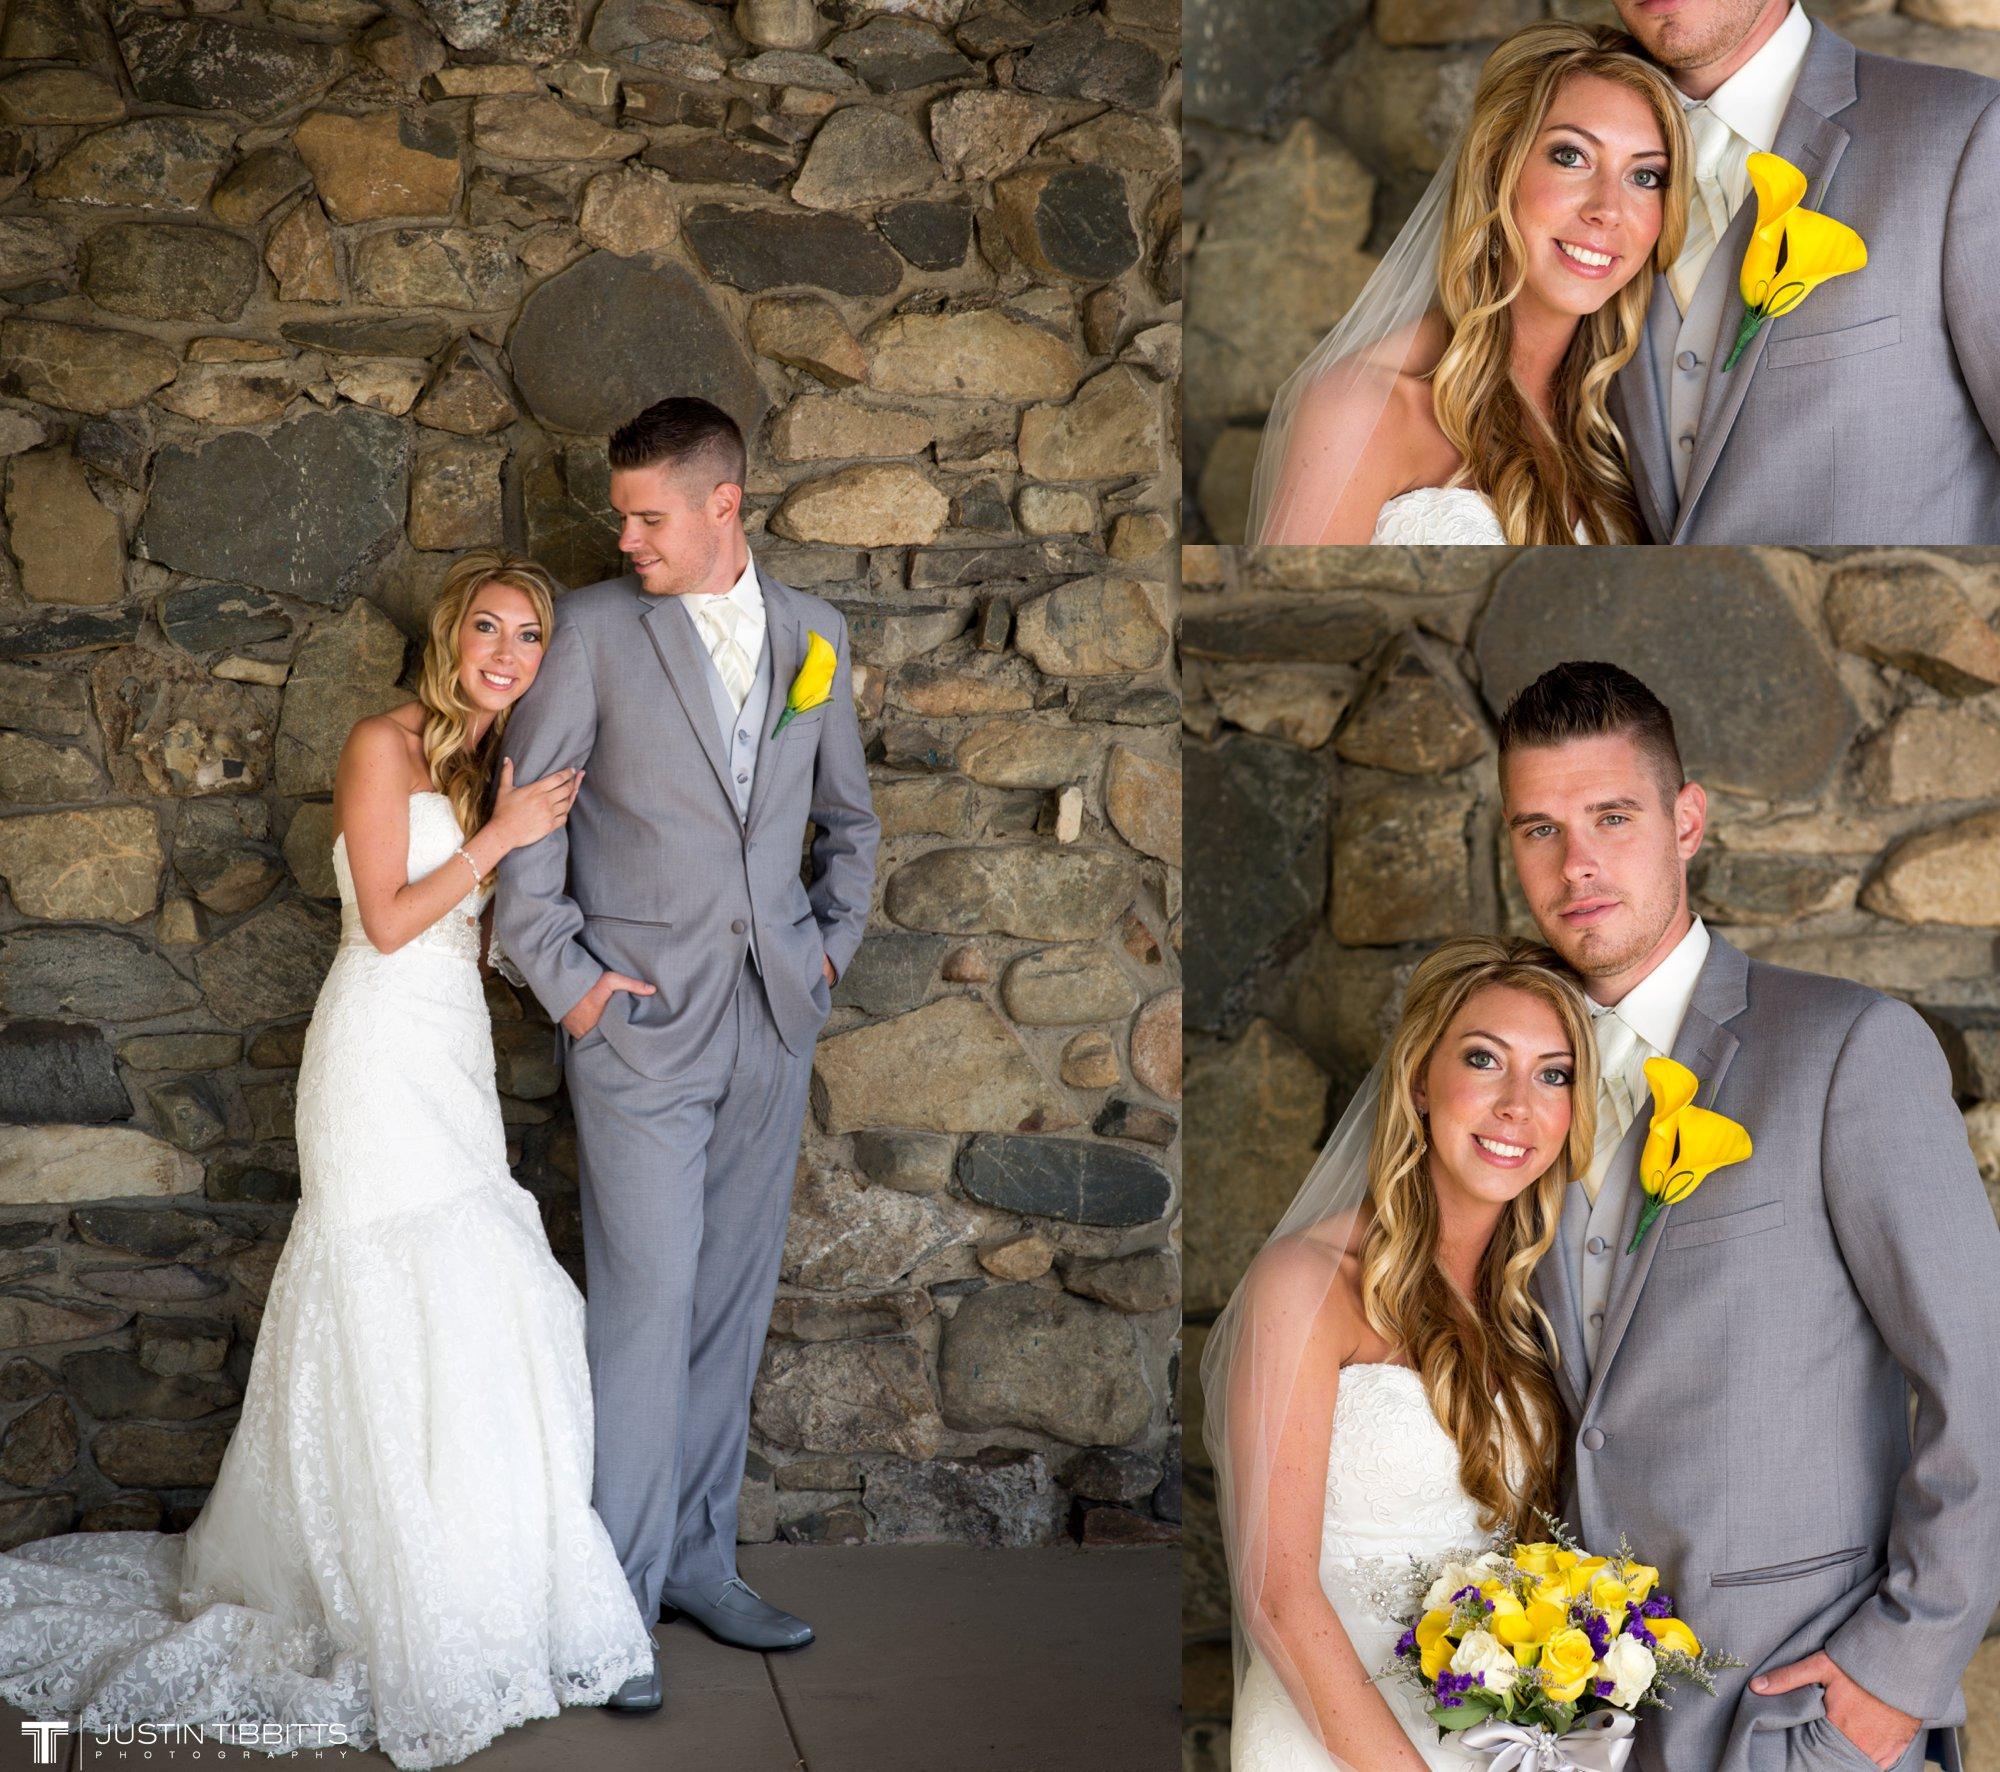 Albany NY Wedding Photographer Justin Tibbitts Photography 2014 Best of Albany NY Weddings-9213714